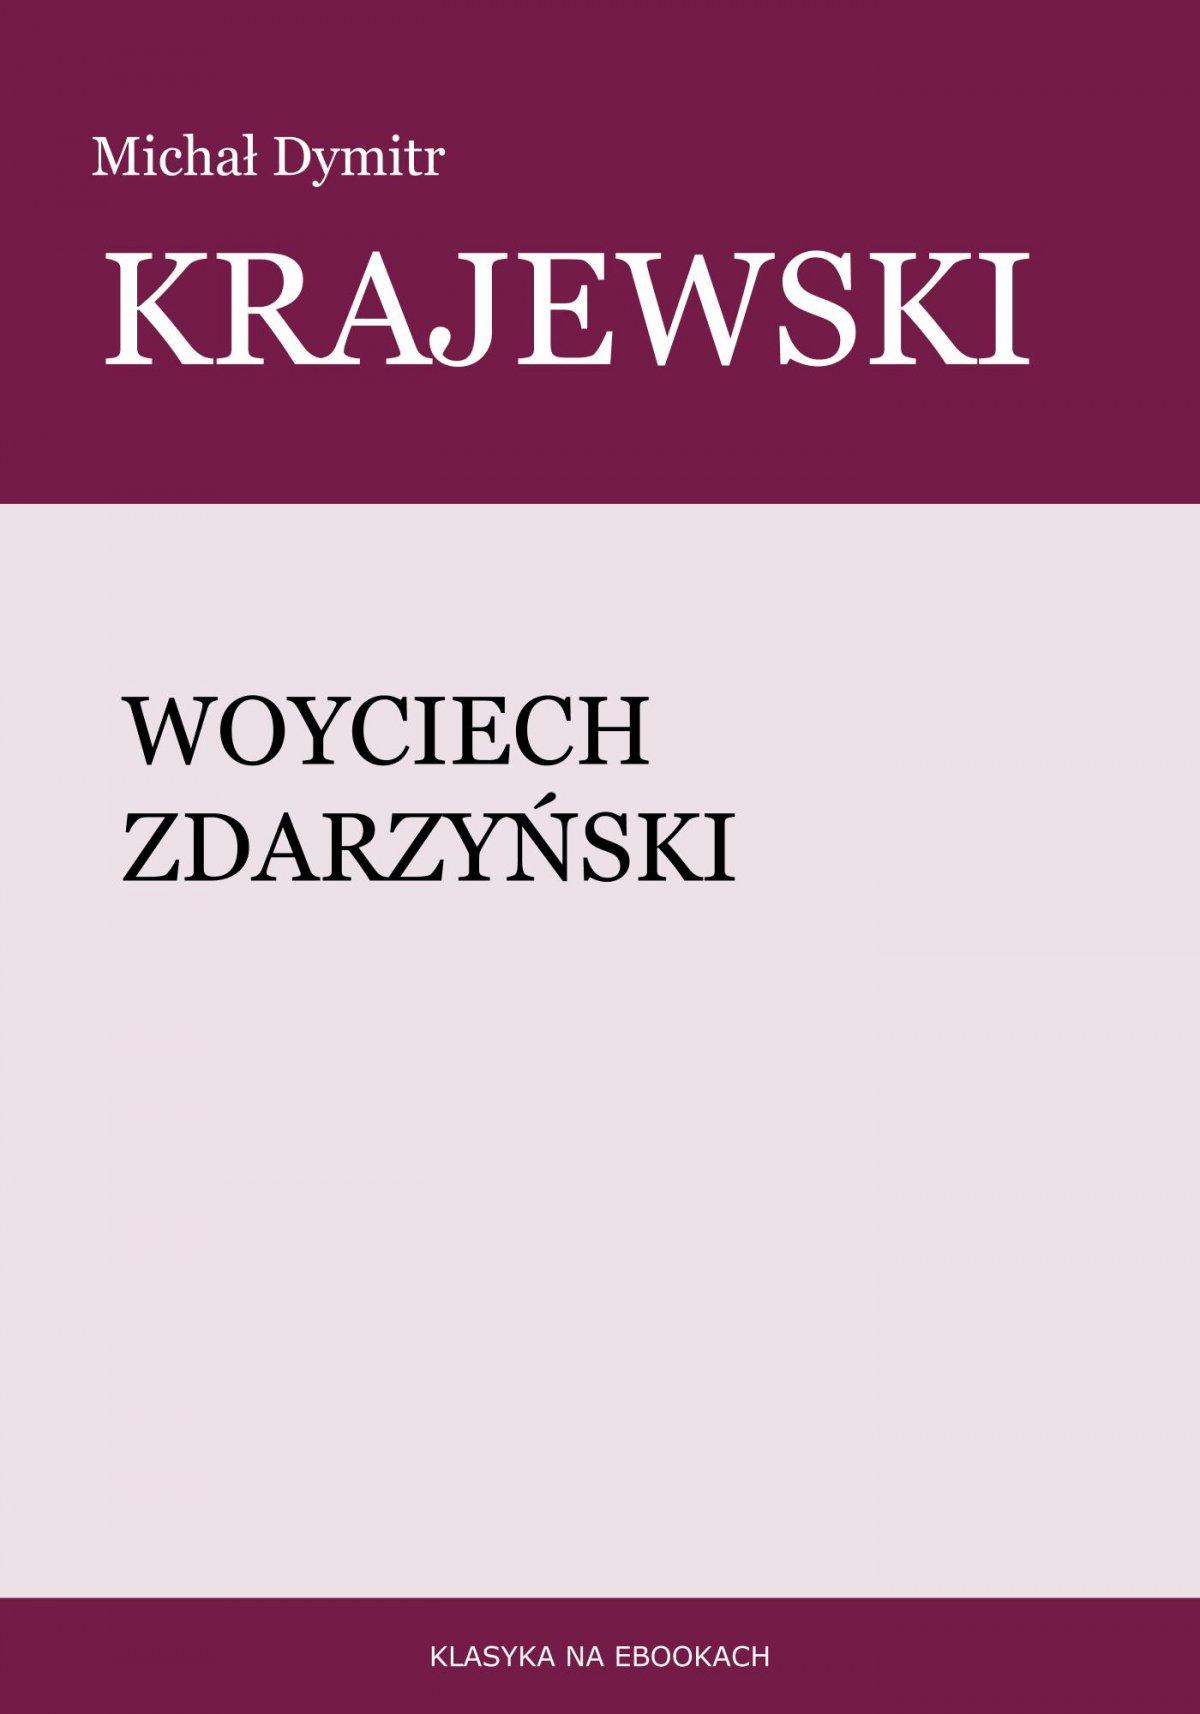 Woyciech Zdarzyński - Ebook (Książka EPUB) do pobrania w formacie EPUB